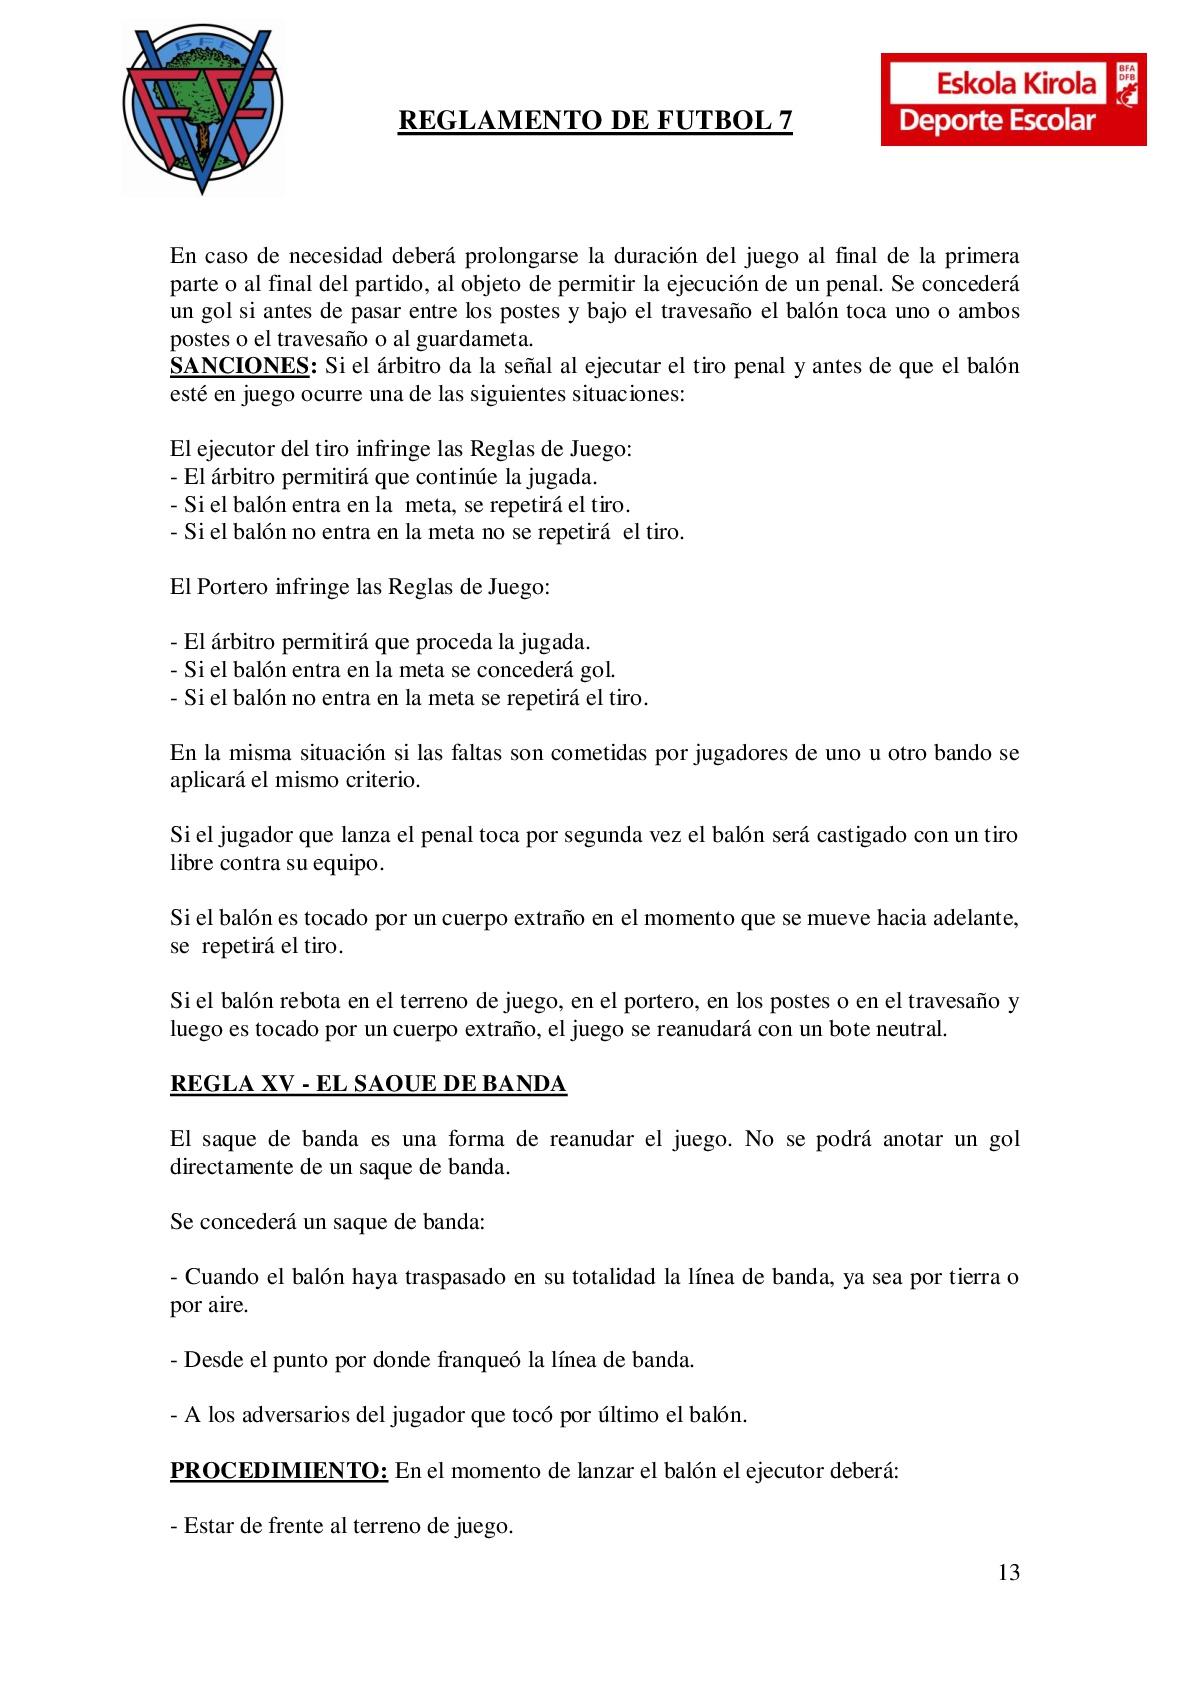 Reglamento-F7-013